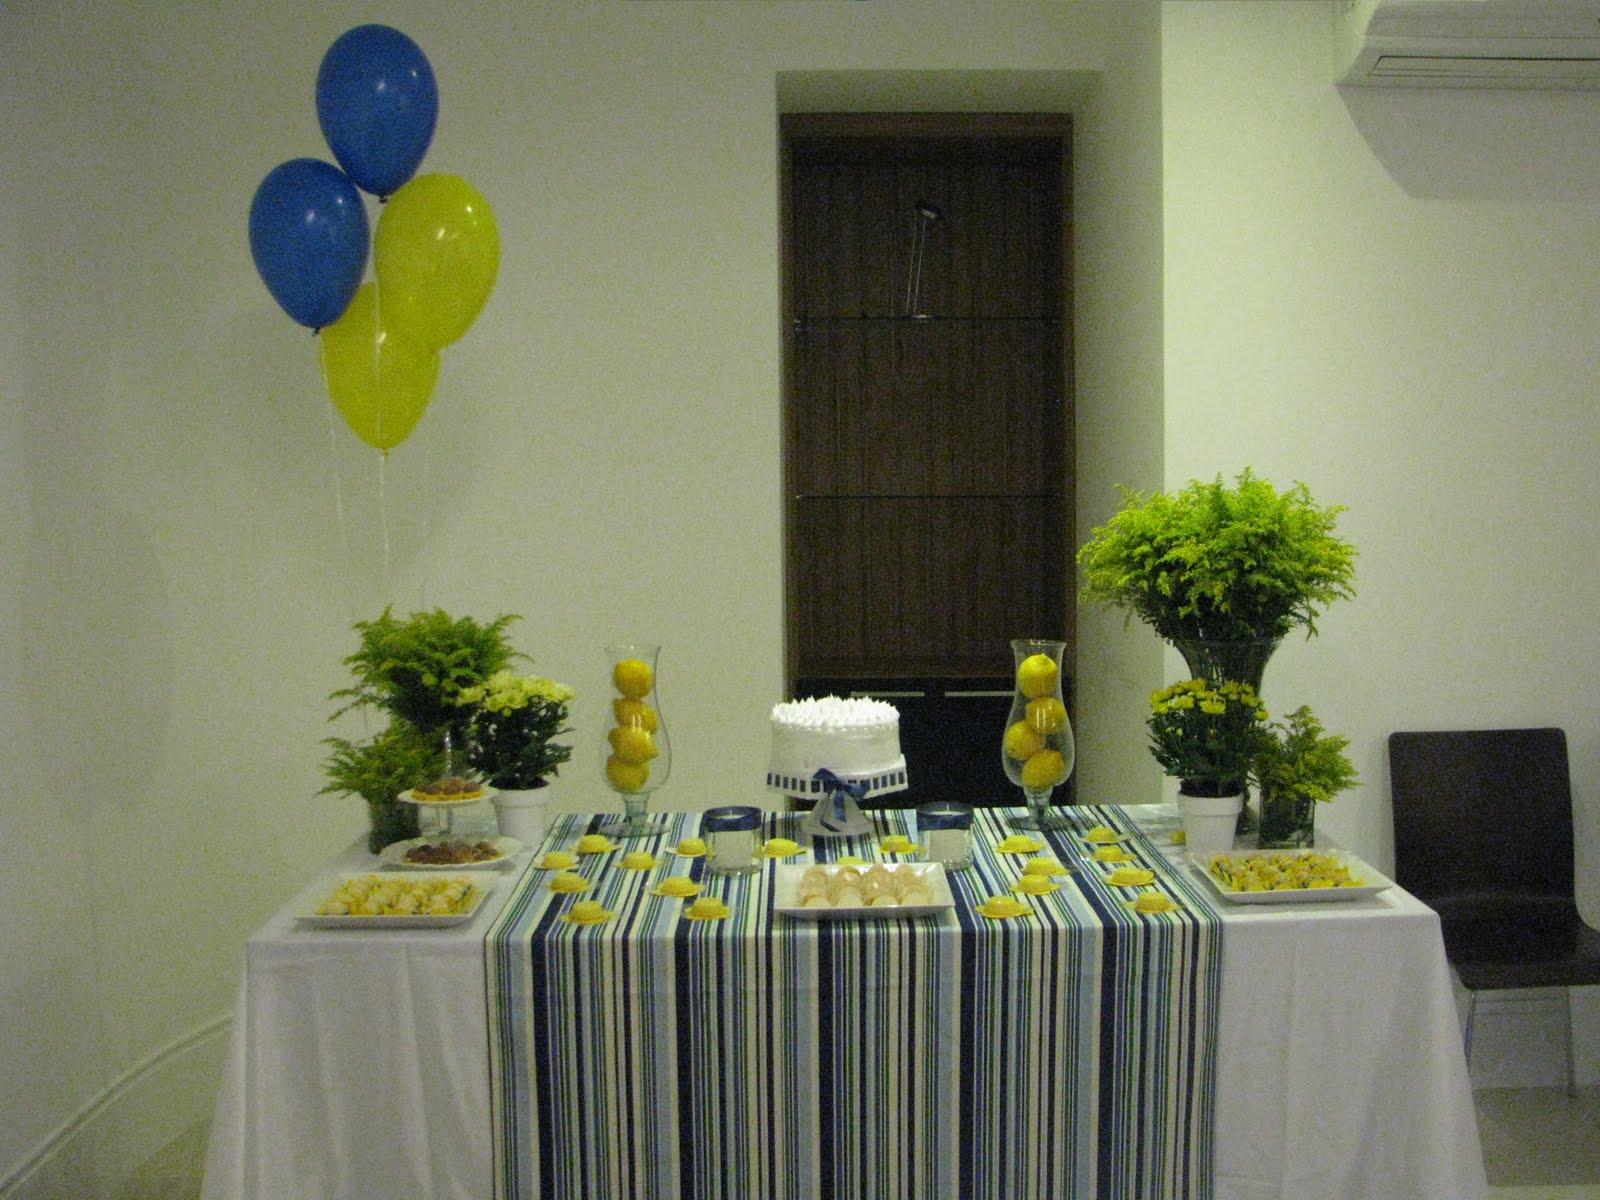 festa para o Marido hoje, seria esta decoração Simples, colorida e